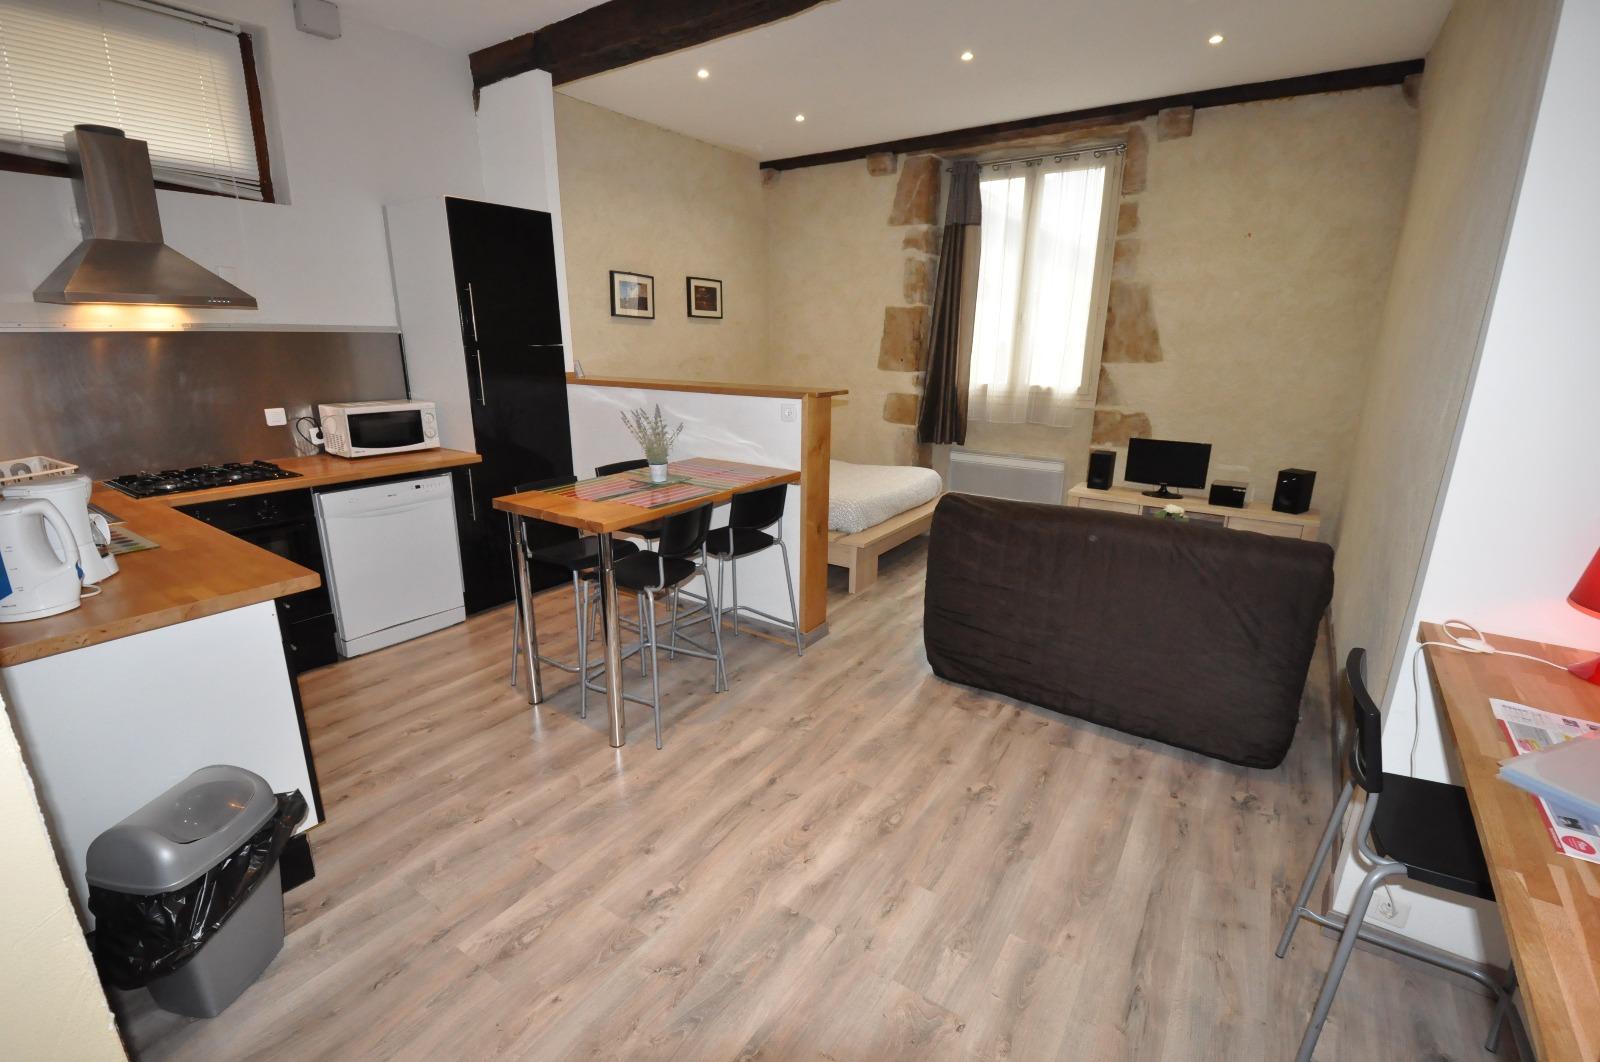 exclusivit pau hyper centre a vendre t1 meubl id al pour investisseur. Black Bedroom Furniture Sets. Home Design Ideas